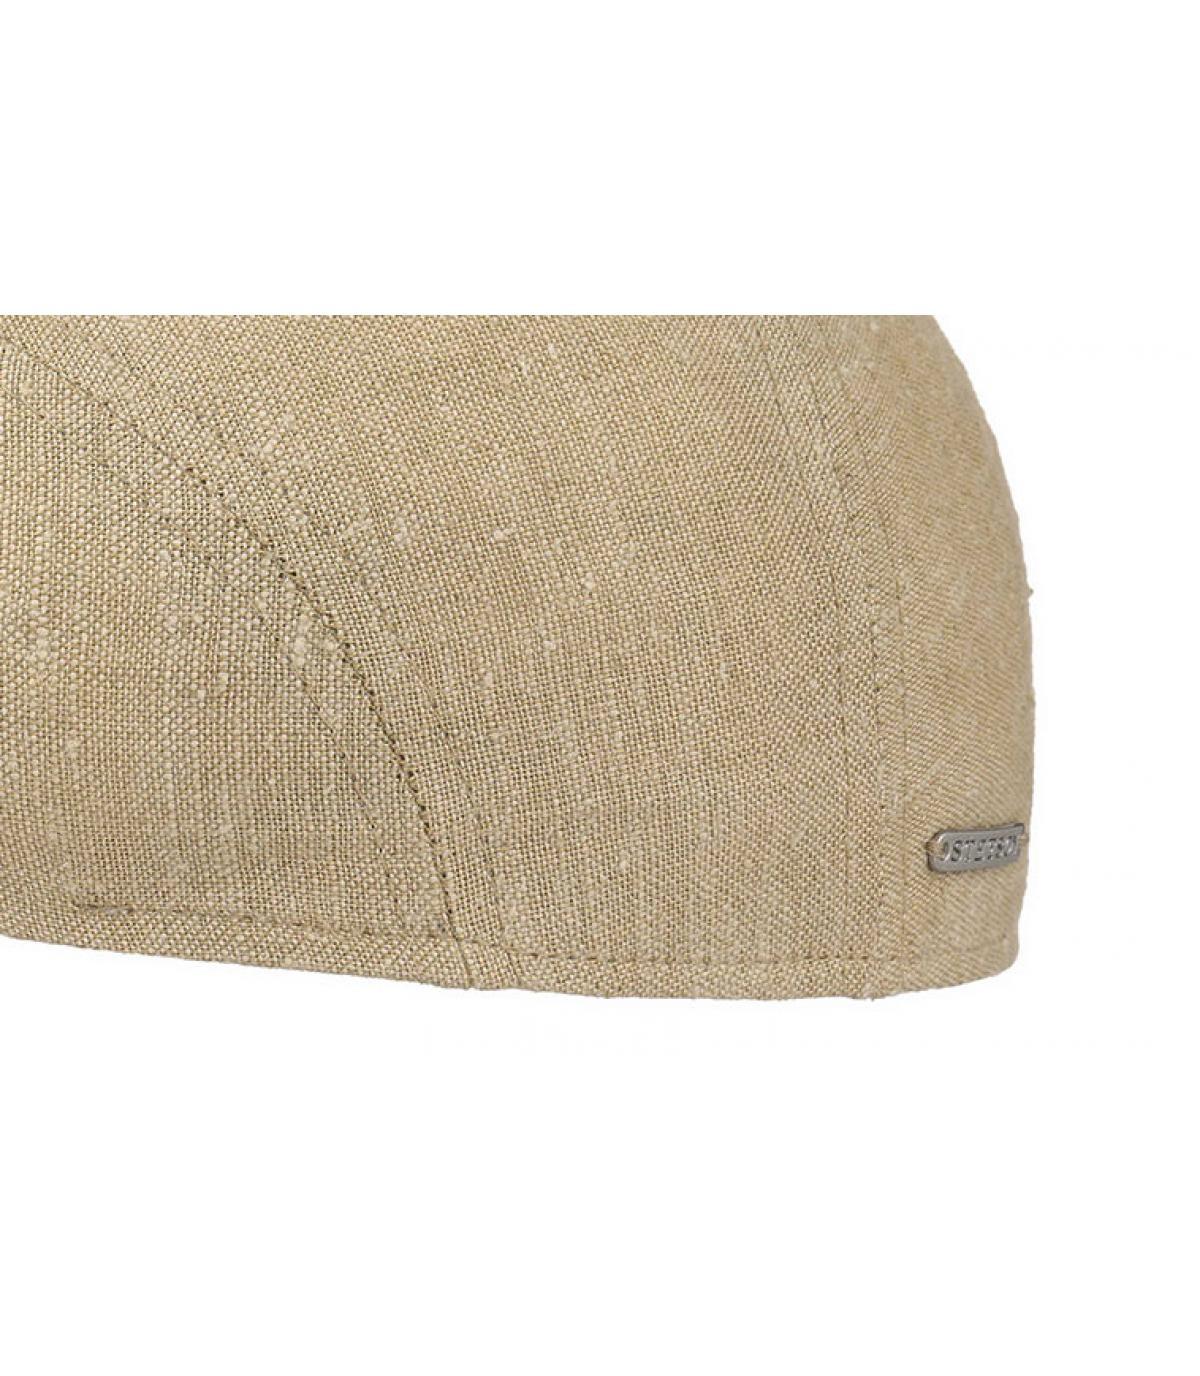 Détails Ivy cap lin soie beige - image 3